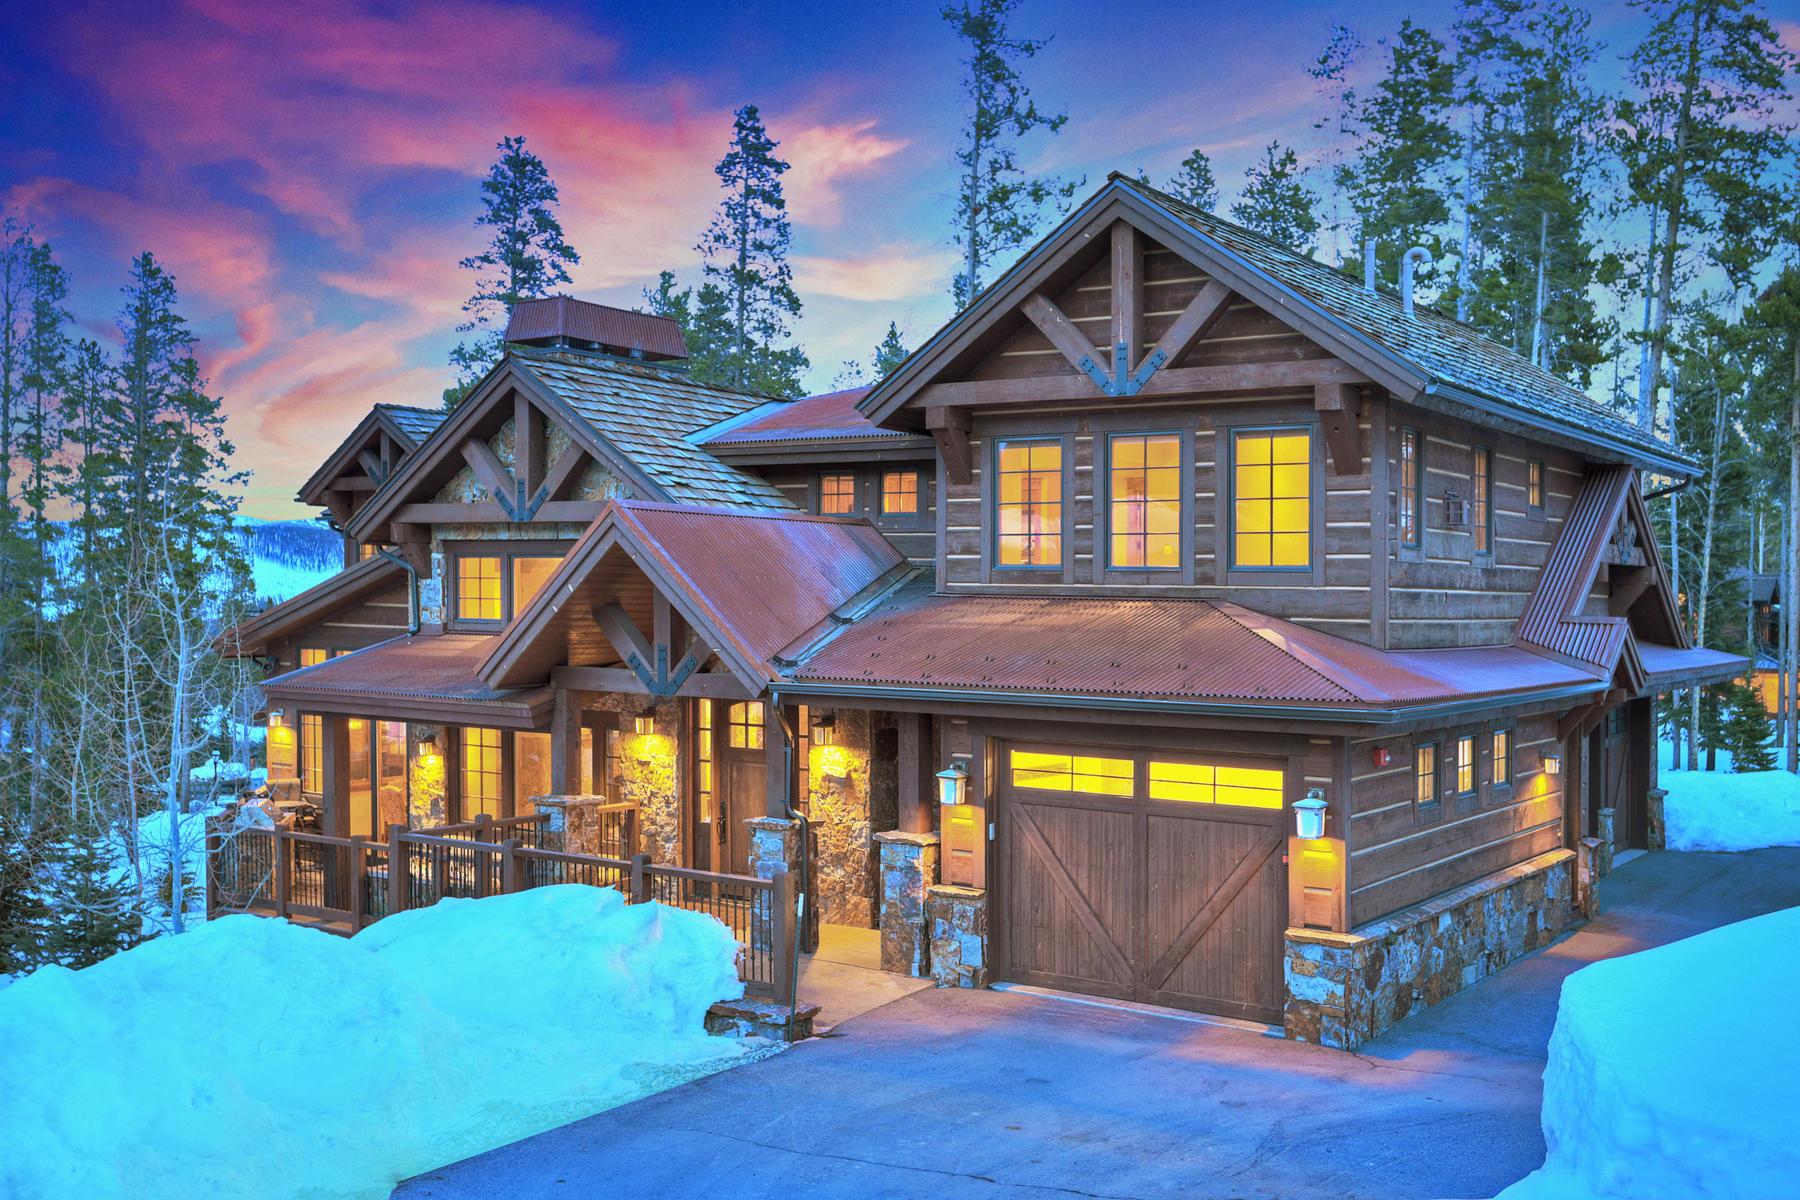 Single Family Homes for Sale at Location! Location! Location! 1296 Glenwild Drive Breckenridge, Colorado 80424 United States